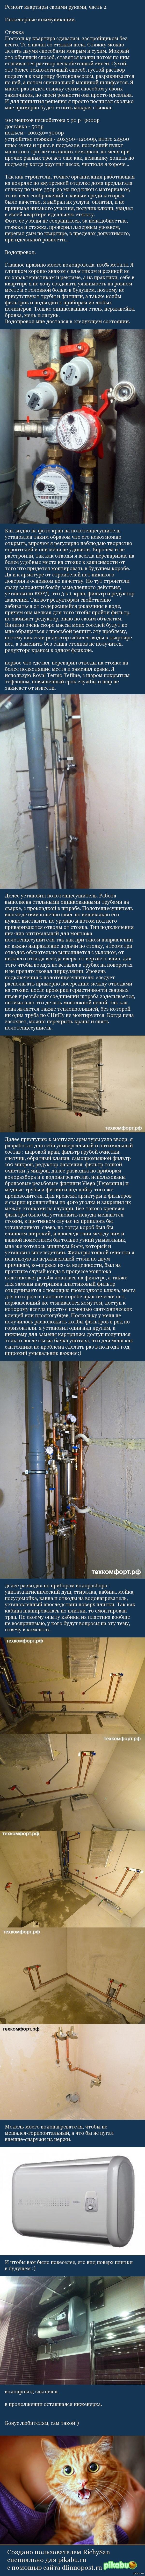 Ремонт квартиры Часть 2. стяжка, водопровод